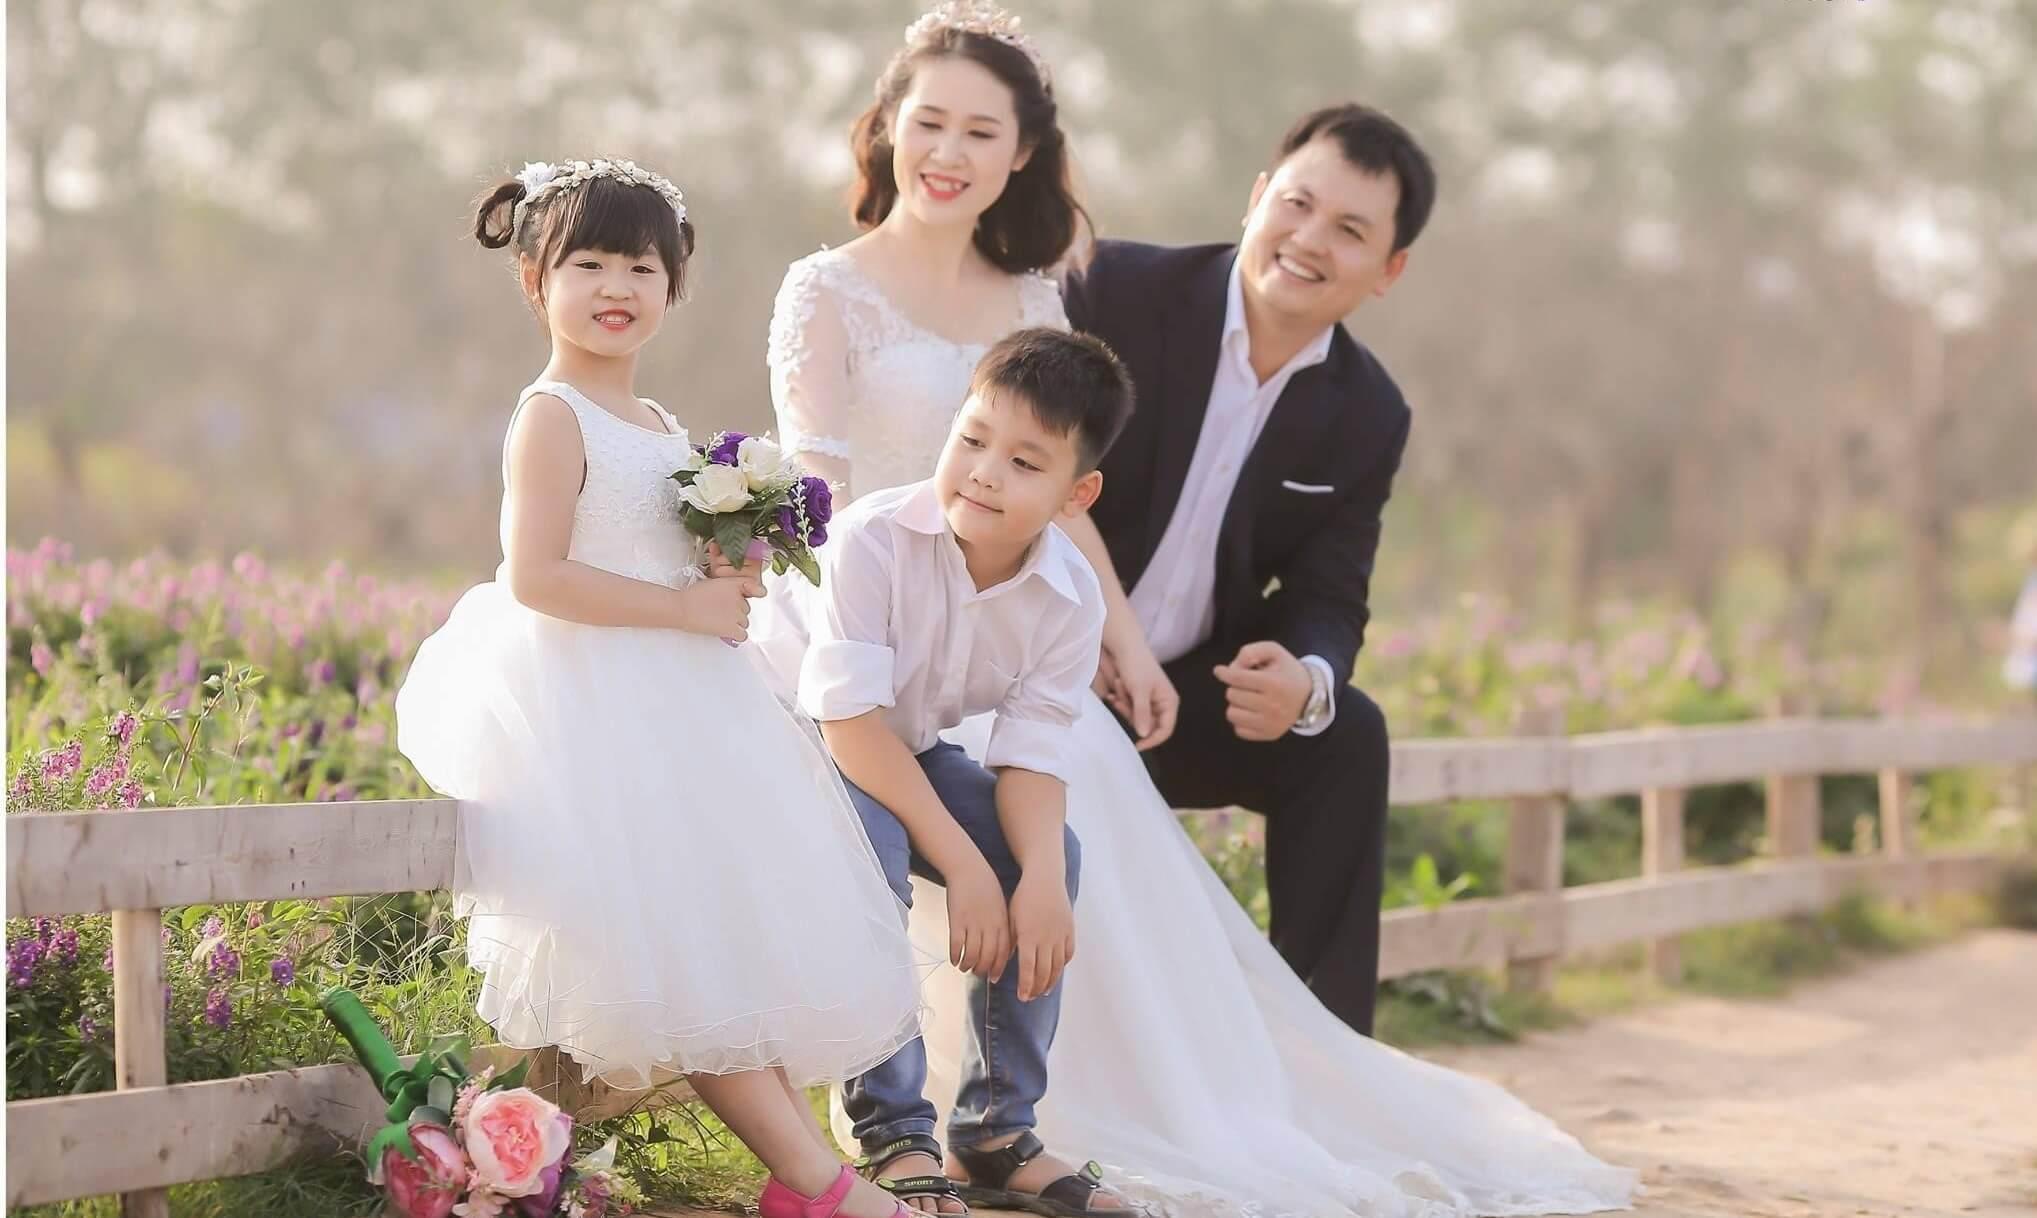 Ý tưởng chụp hình gia đình 4 người chưa bao giờ lỗi thời